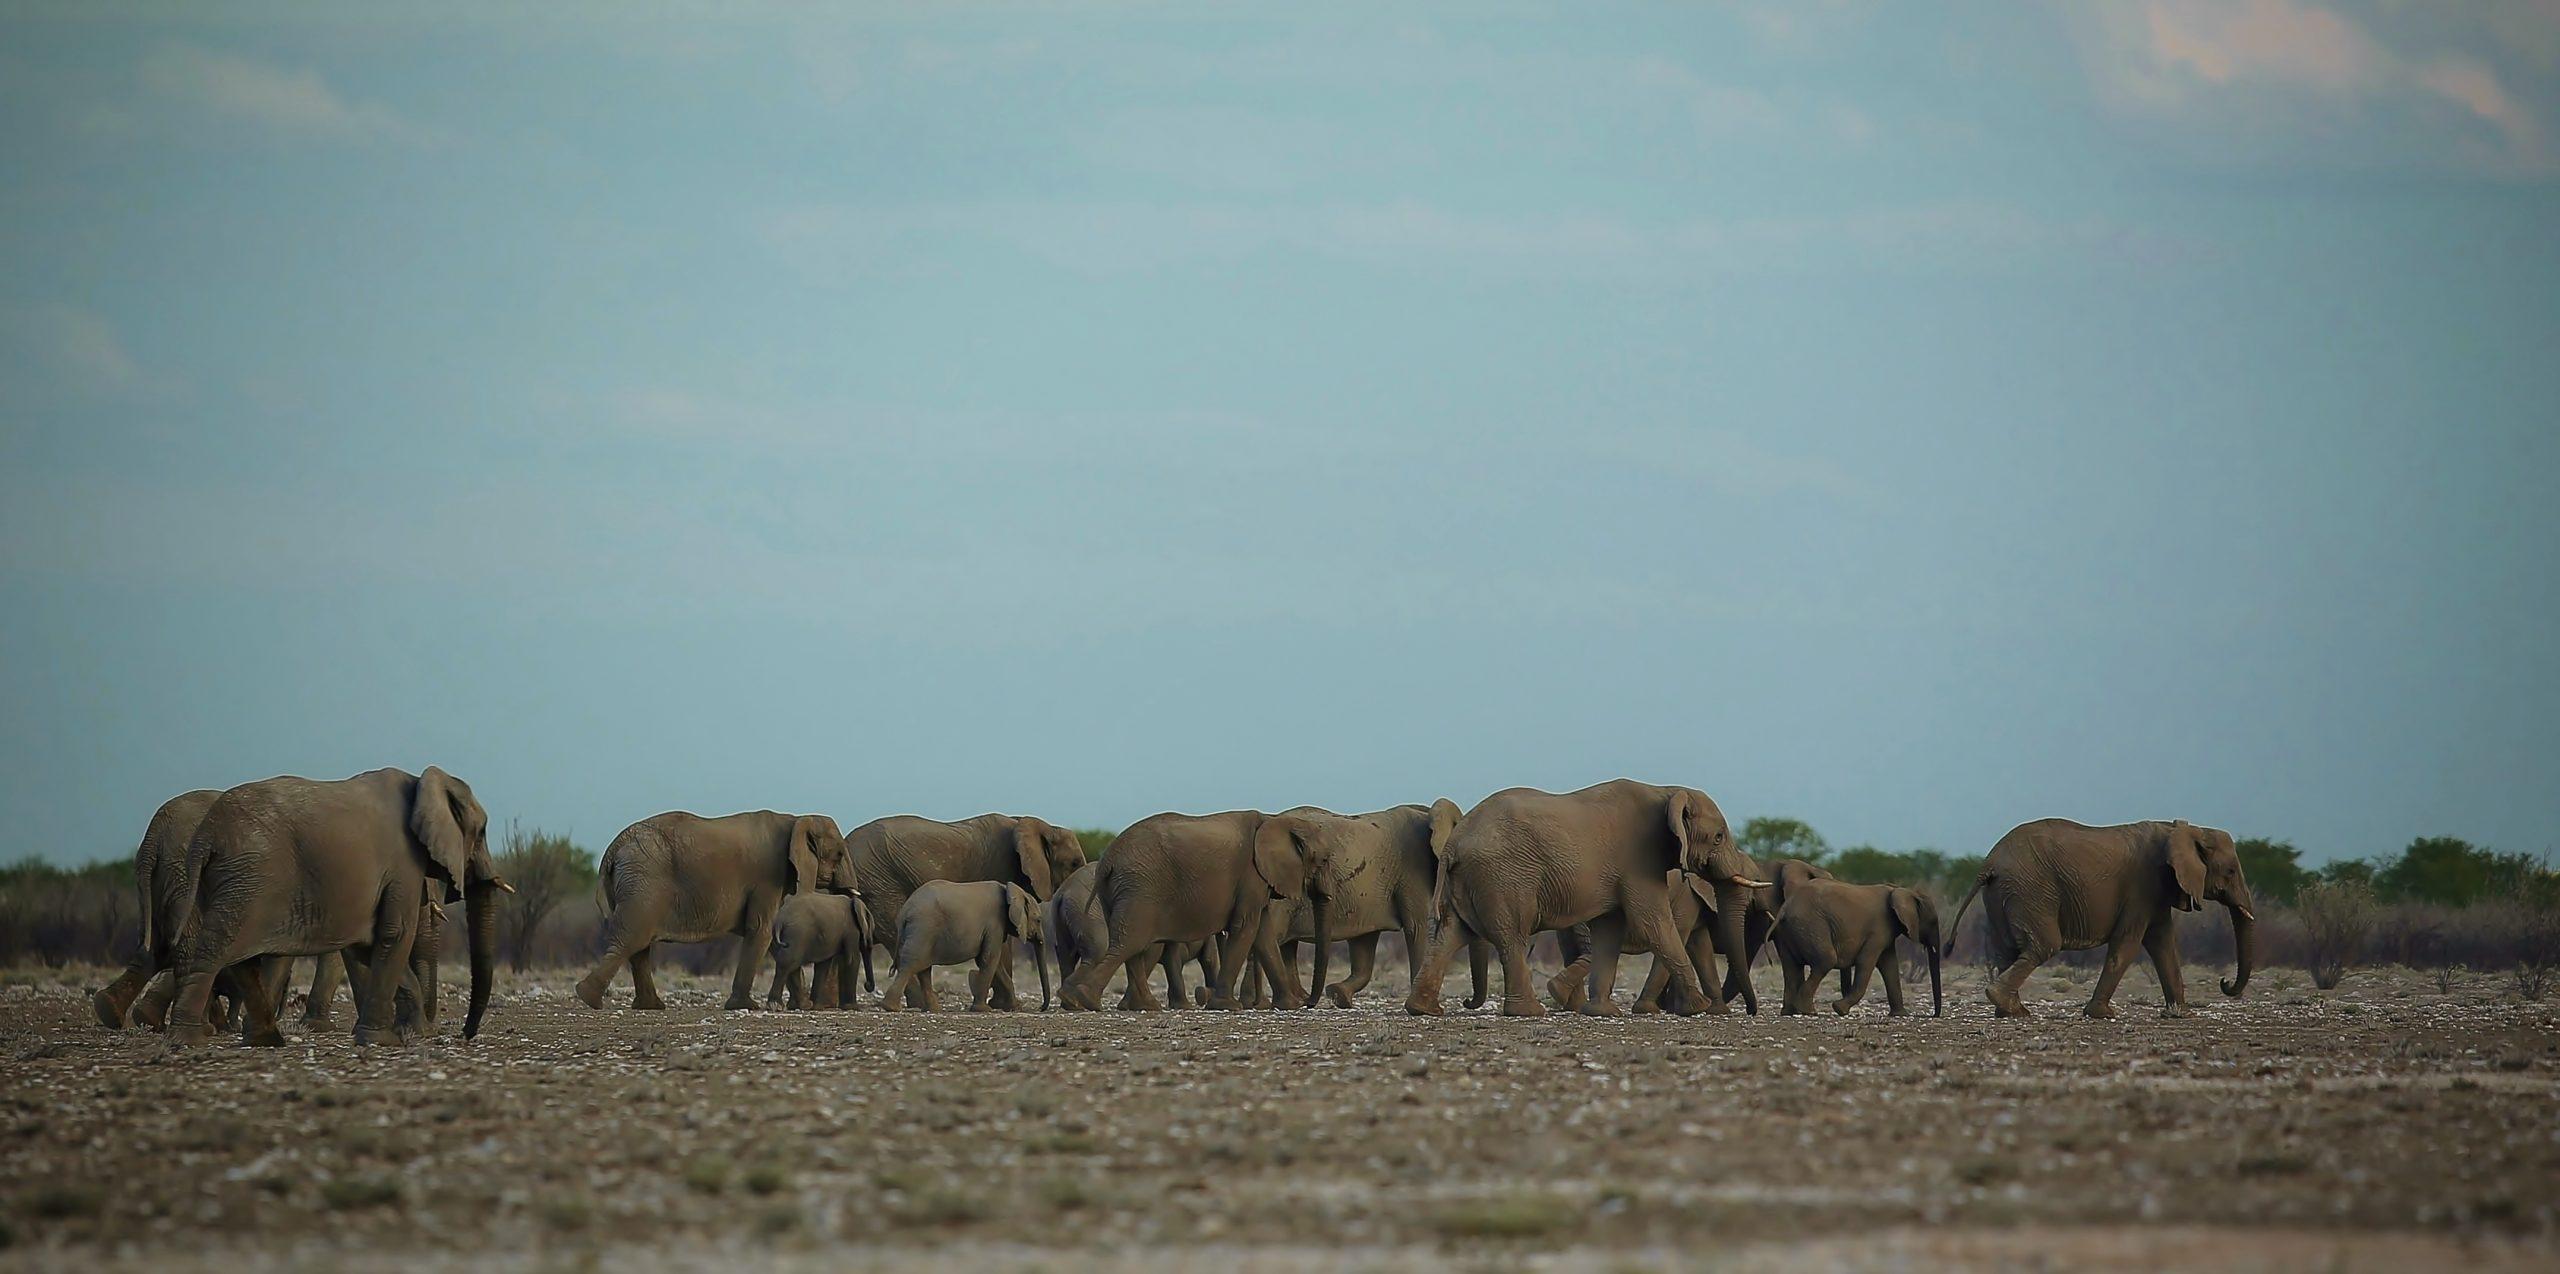 La Patrouille des Elphants, Namibie Etosha